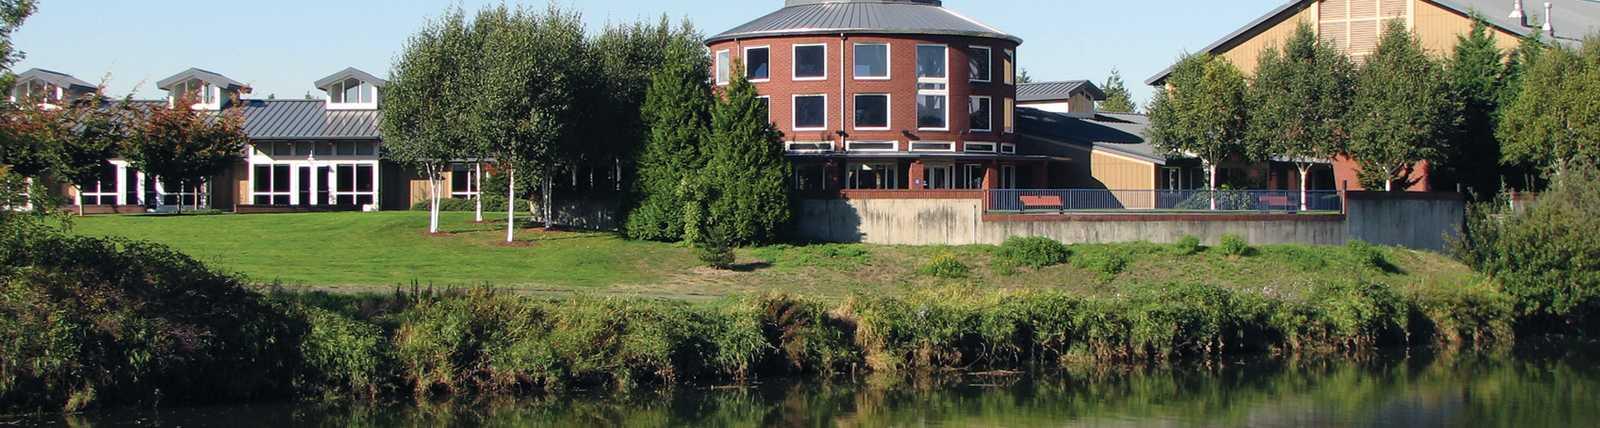 Tukwila Community Center & Duwamish River